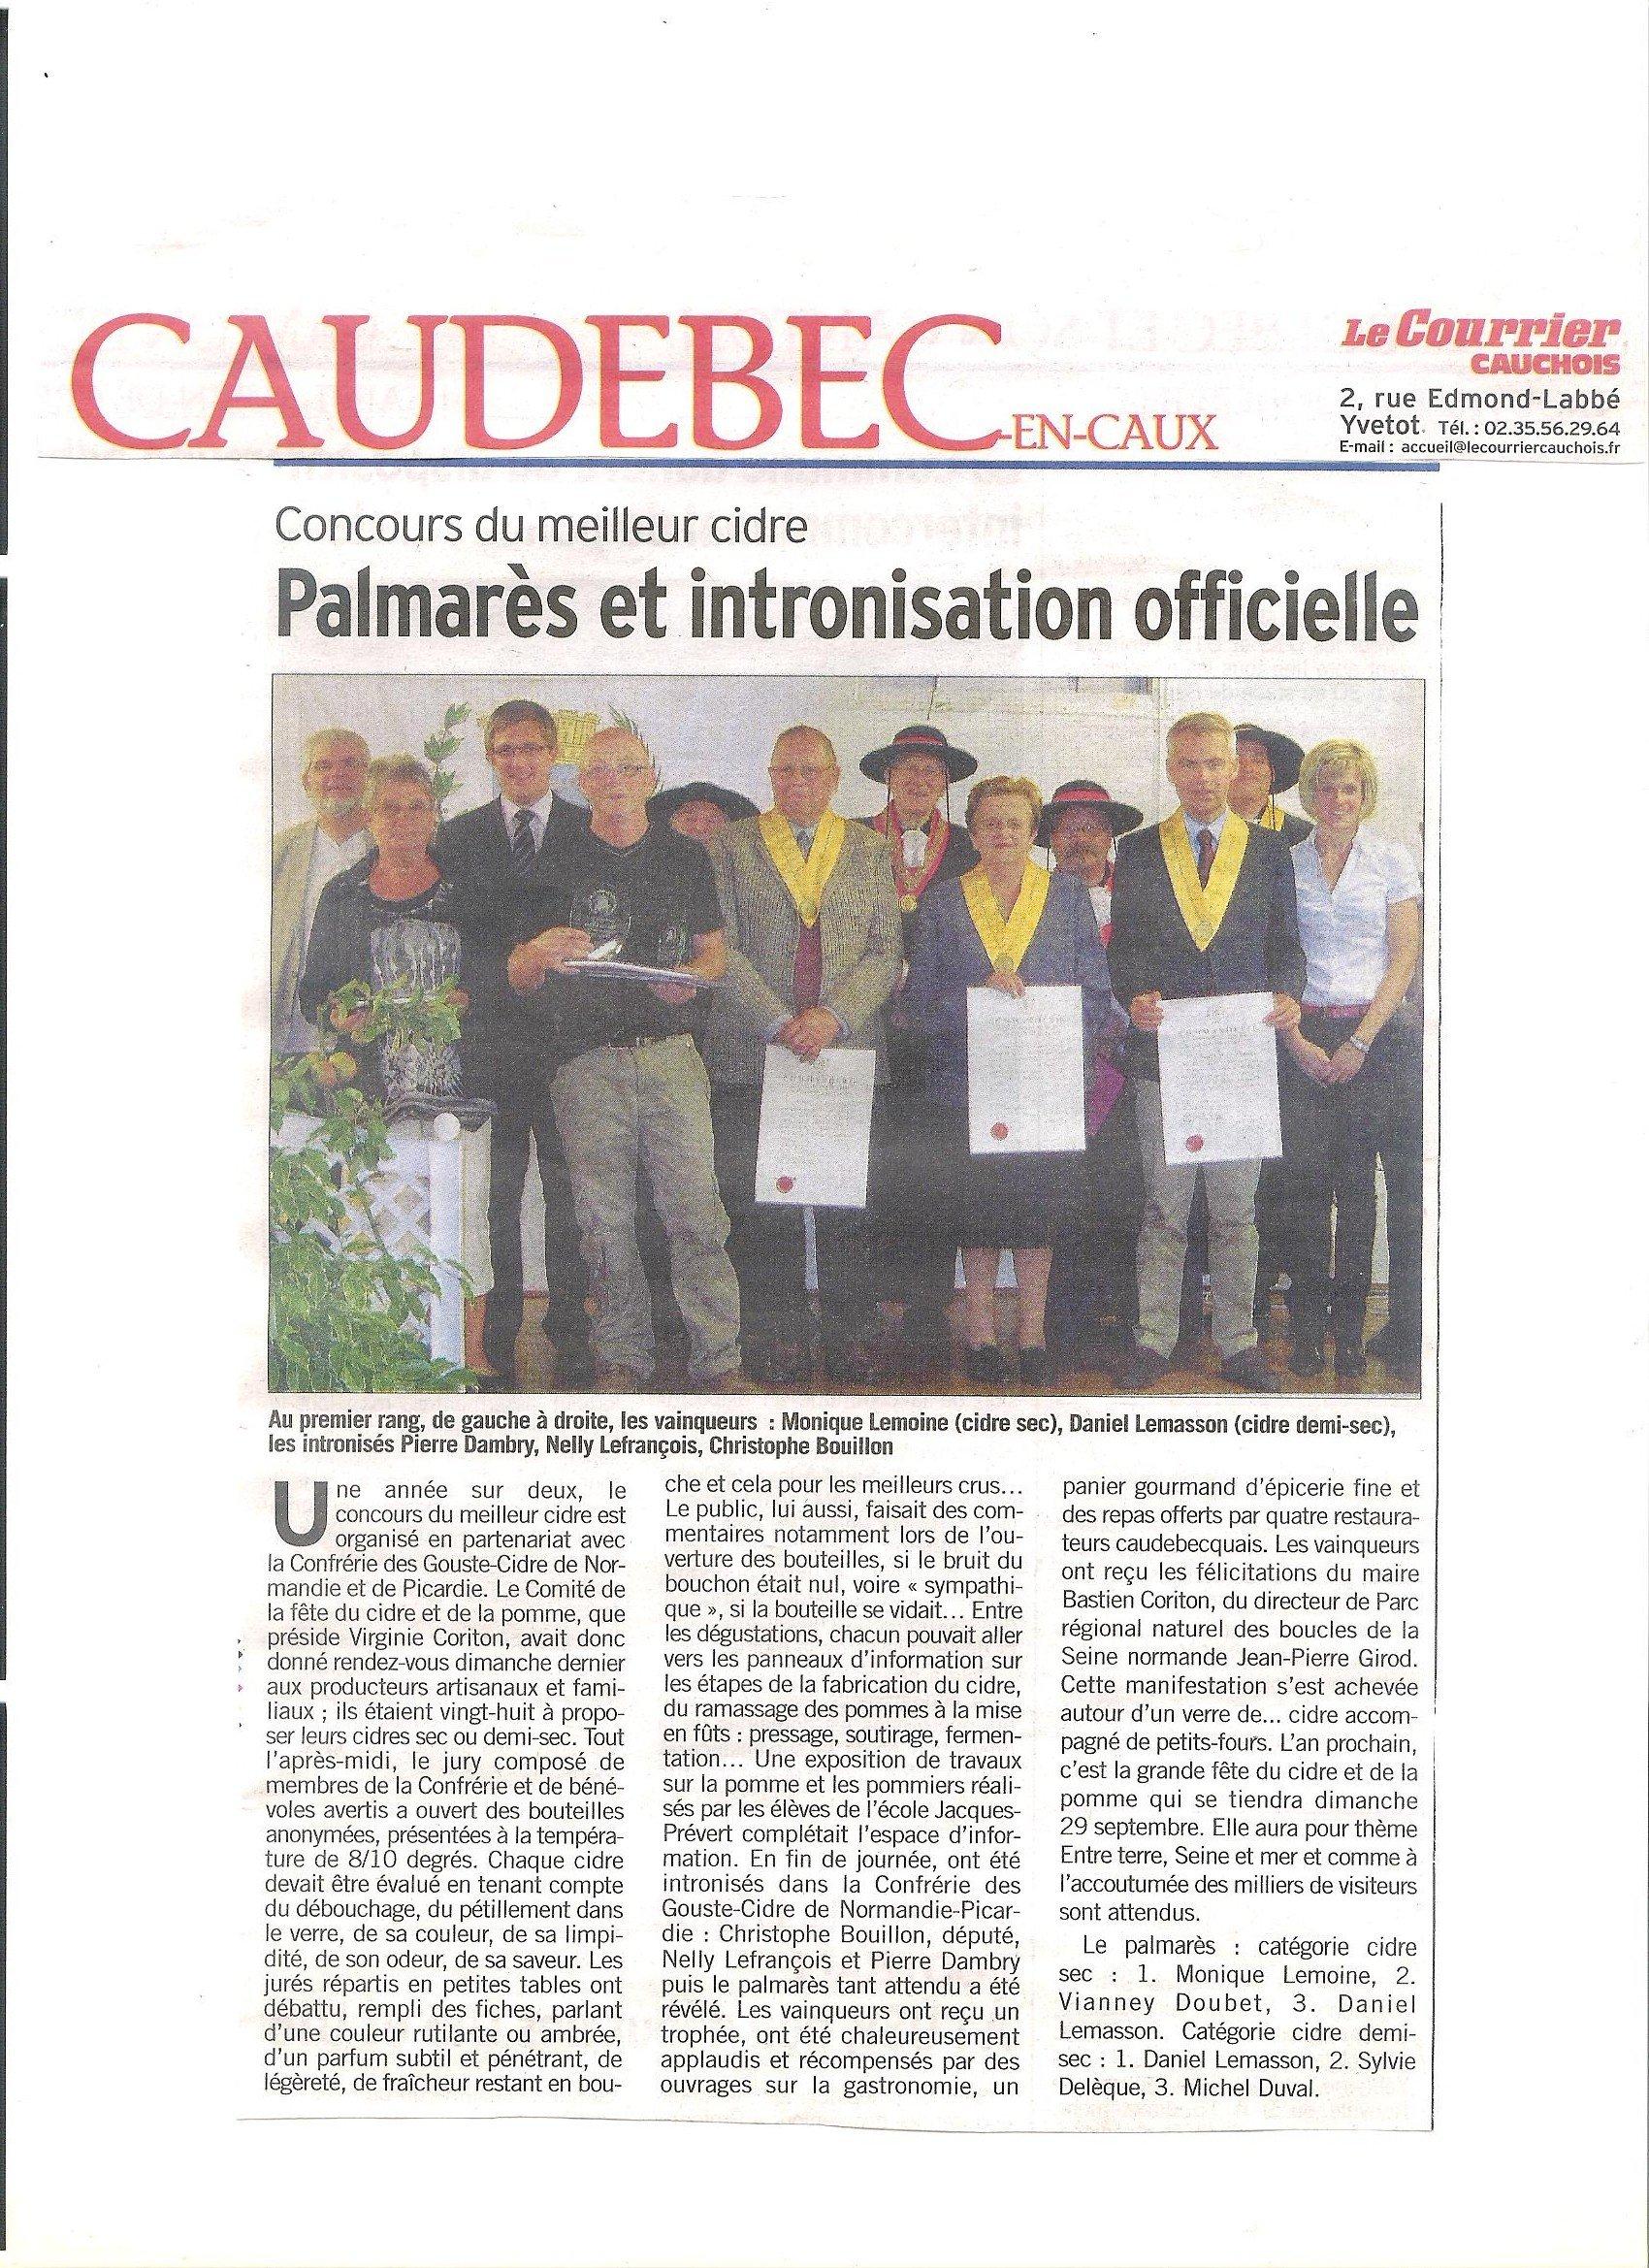 Article - Courrier cauchois du 6 octobre 2012 dans Revue de presse article-concours-de-cidre-20121